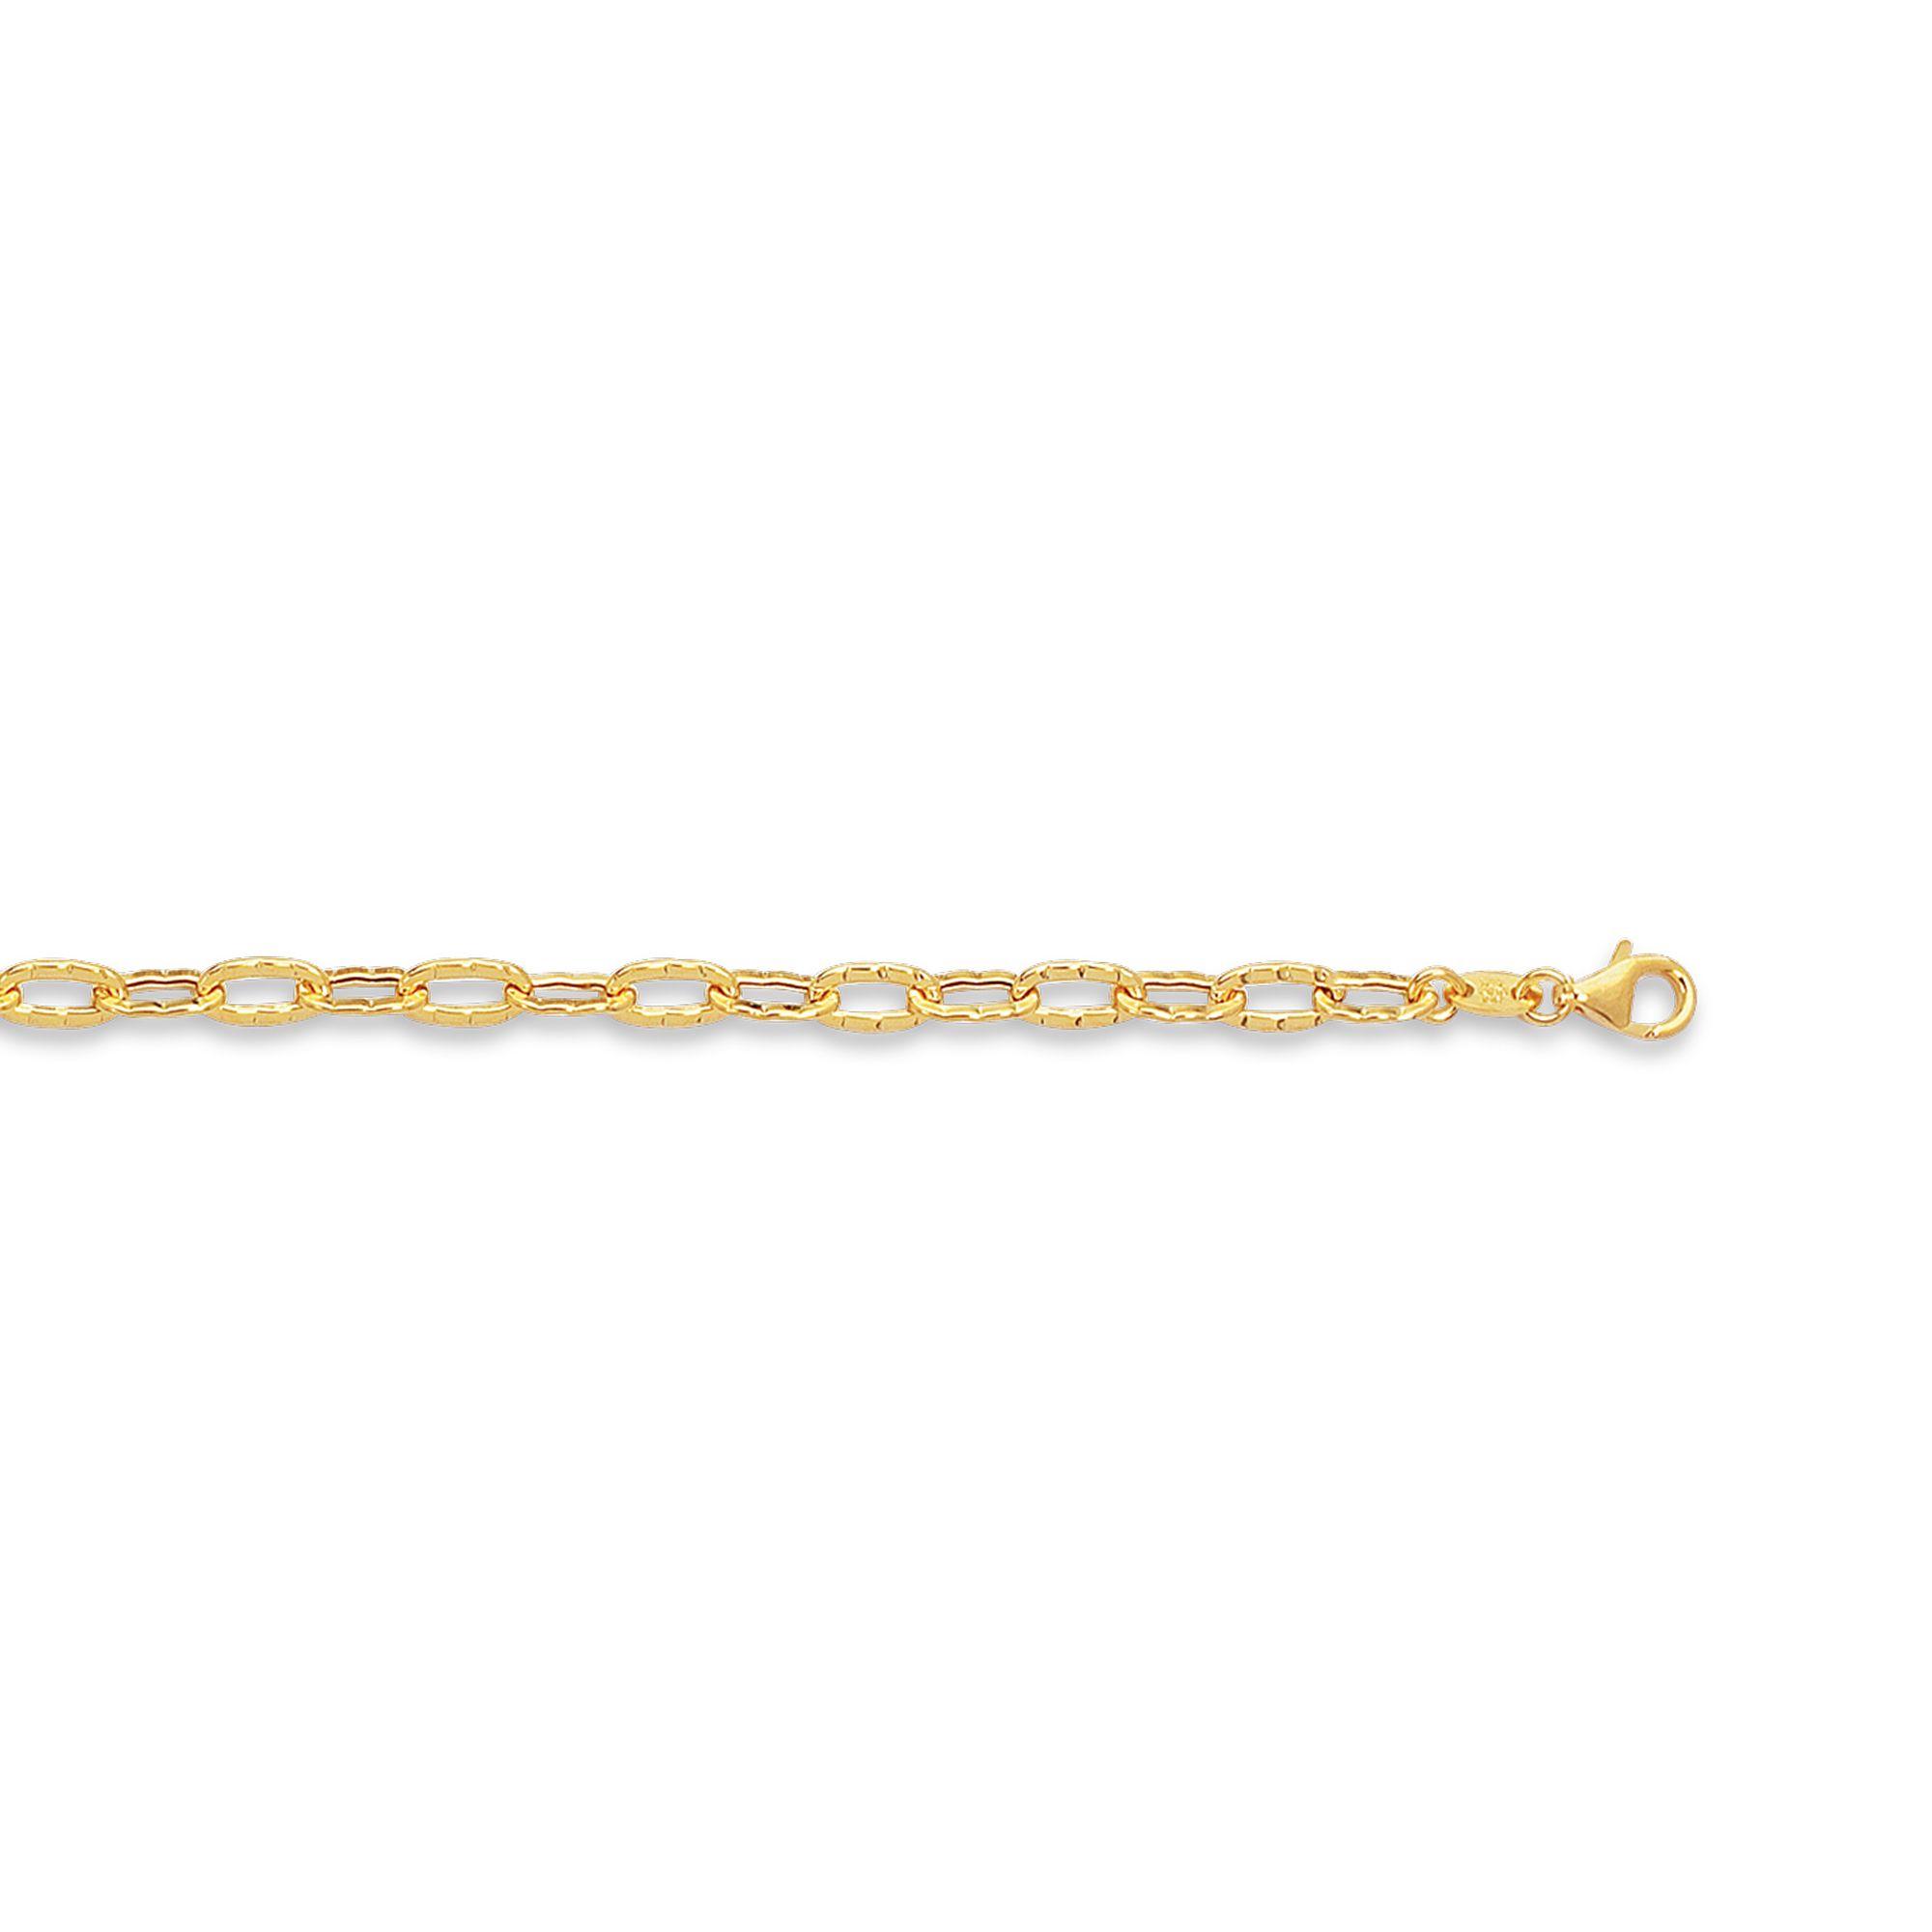 14 Karat Gold Hammered Oval Link Chain Ankle Bracelet